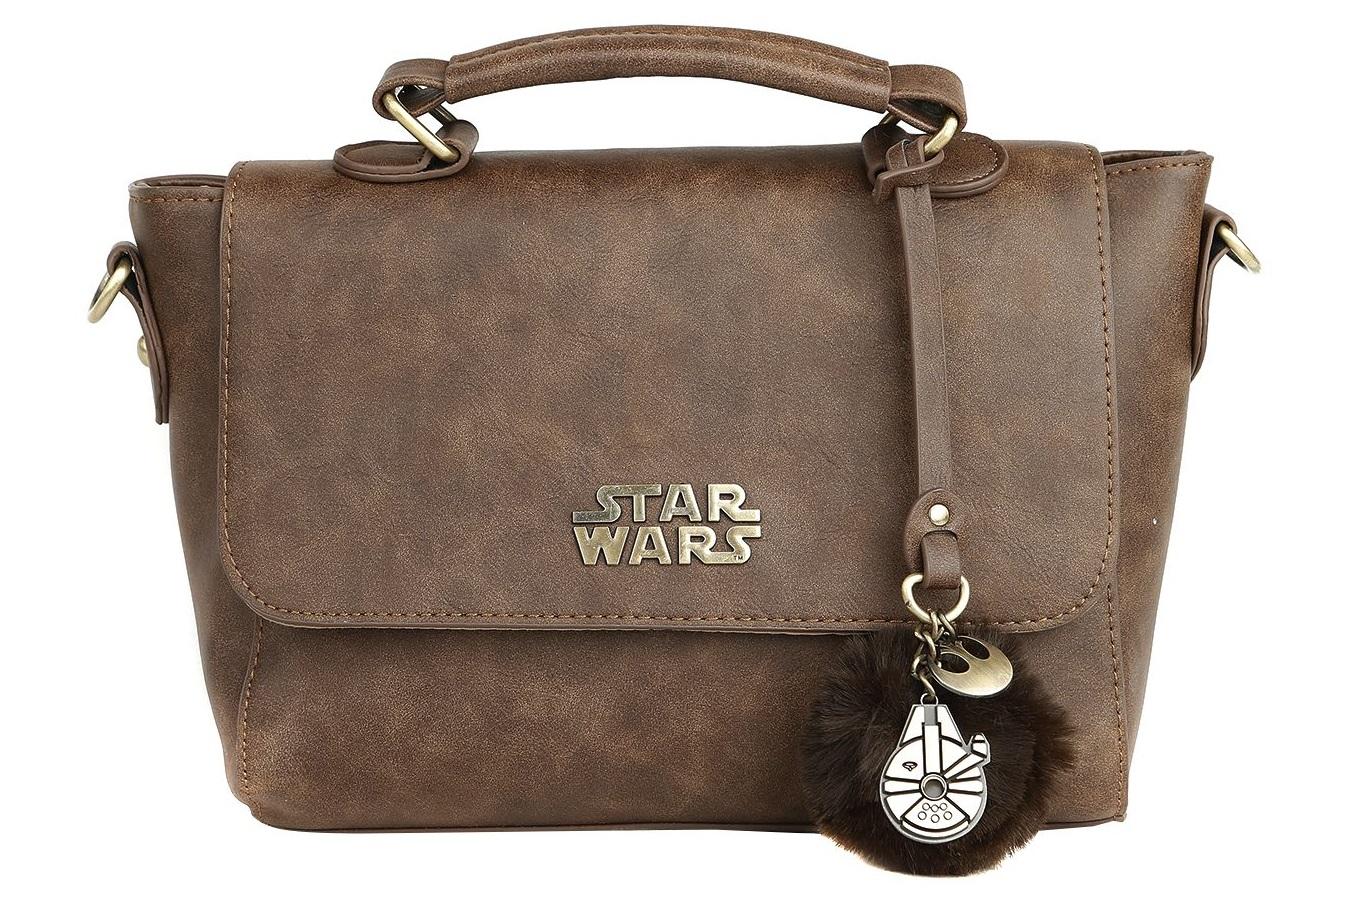 Disney Star Wars Chewbacca Crossbody Purse With Metal Millennium Falcon Charm